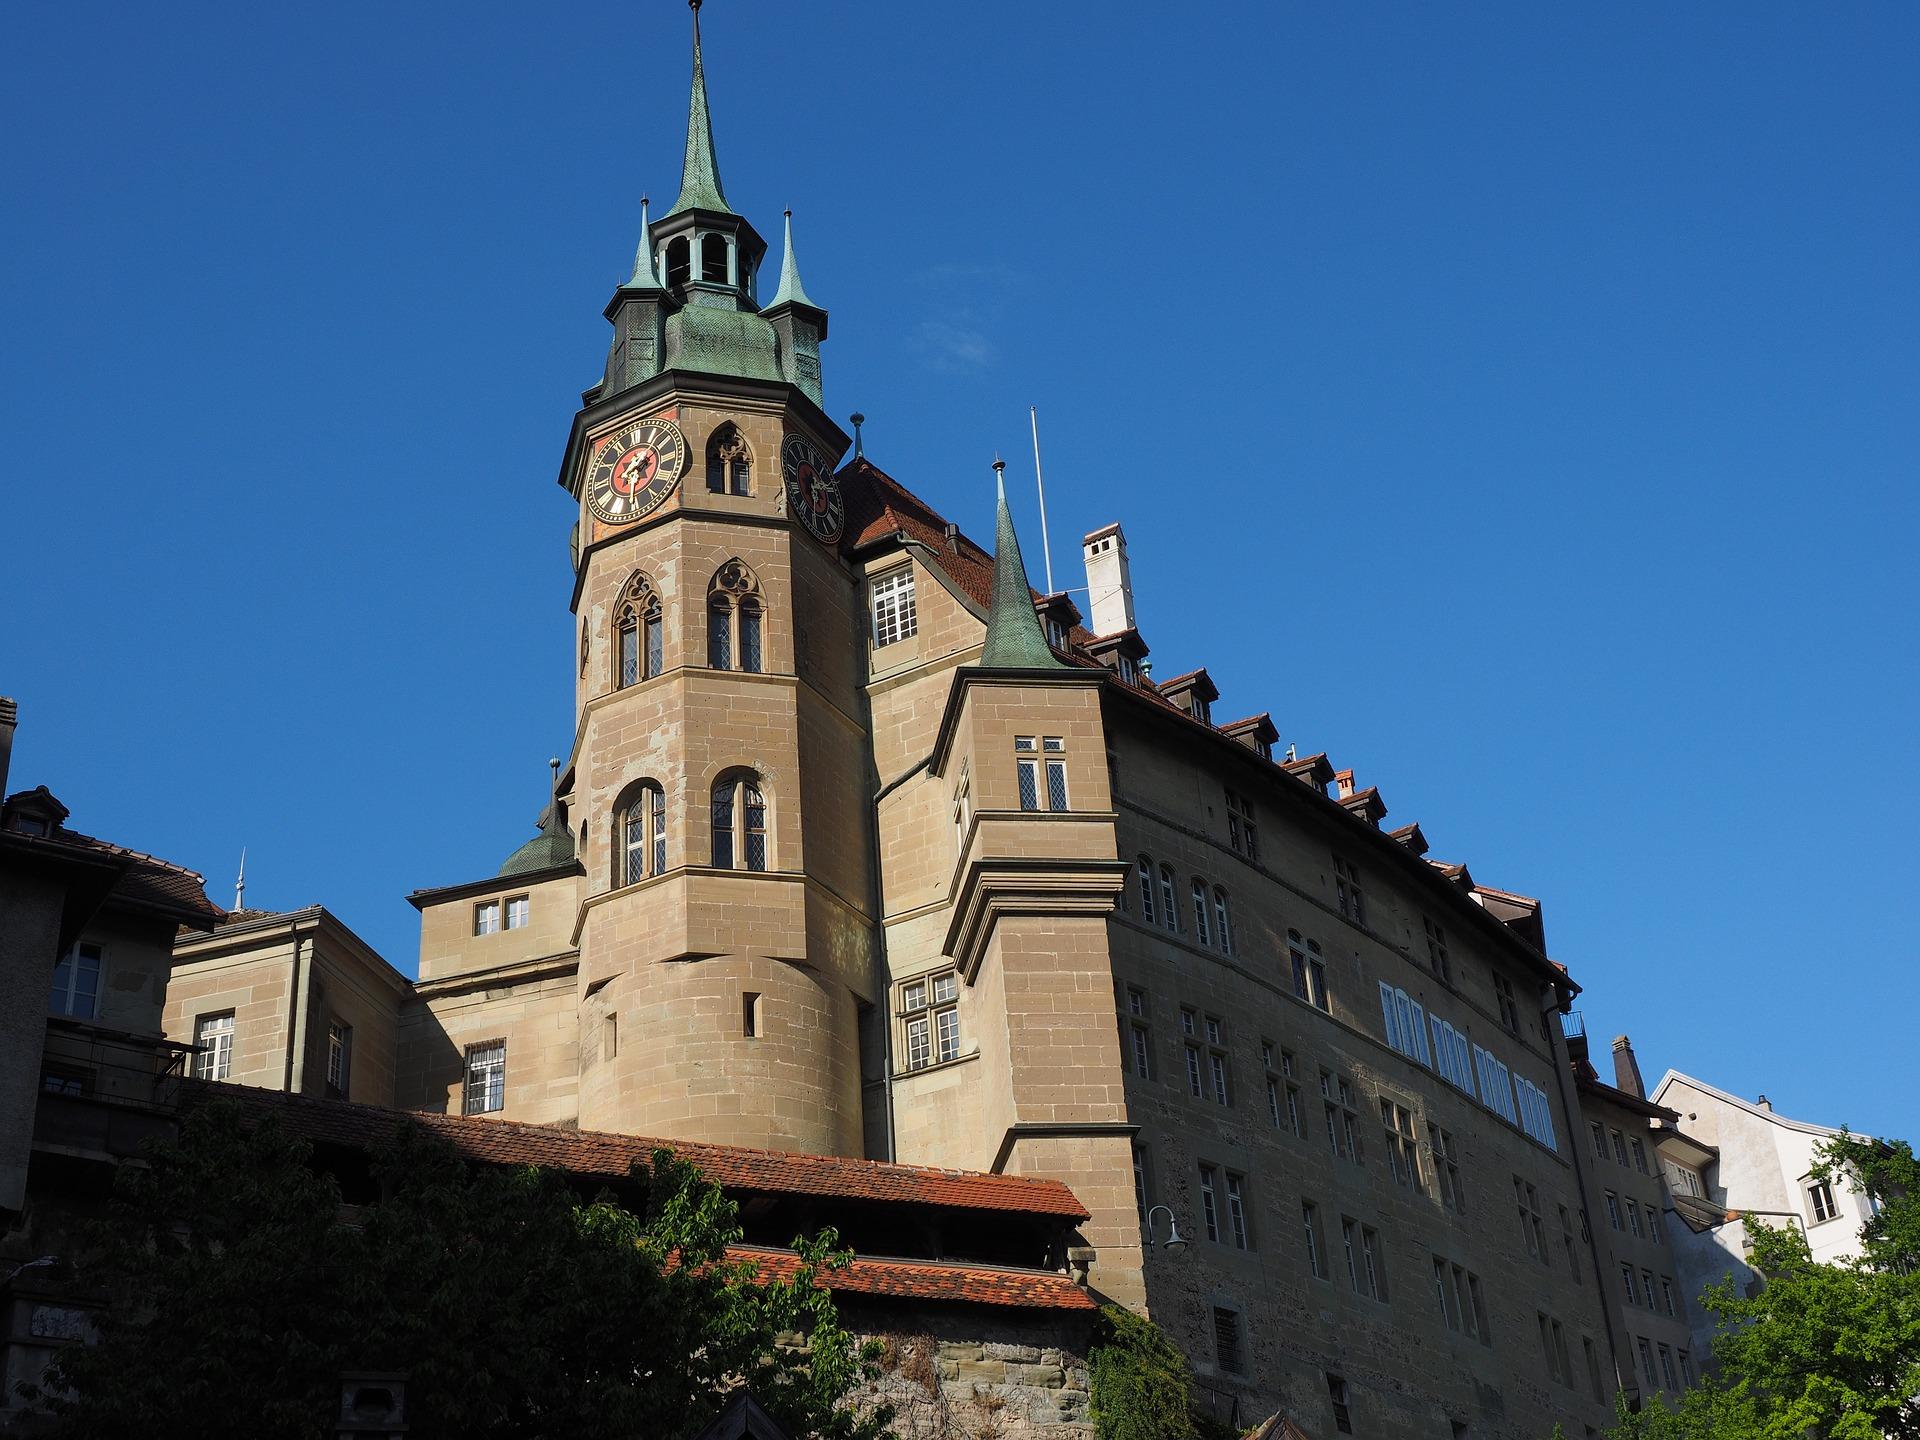 La Fiscalité à Fribourg